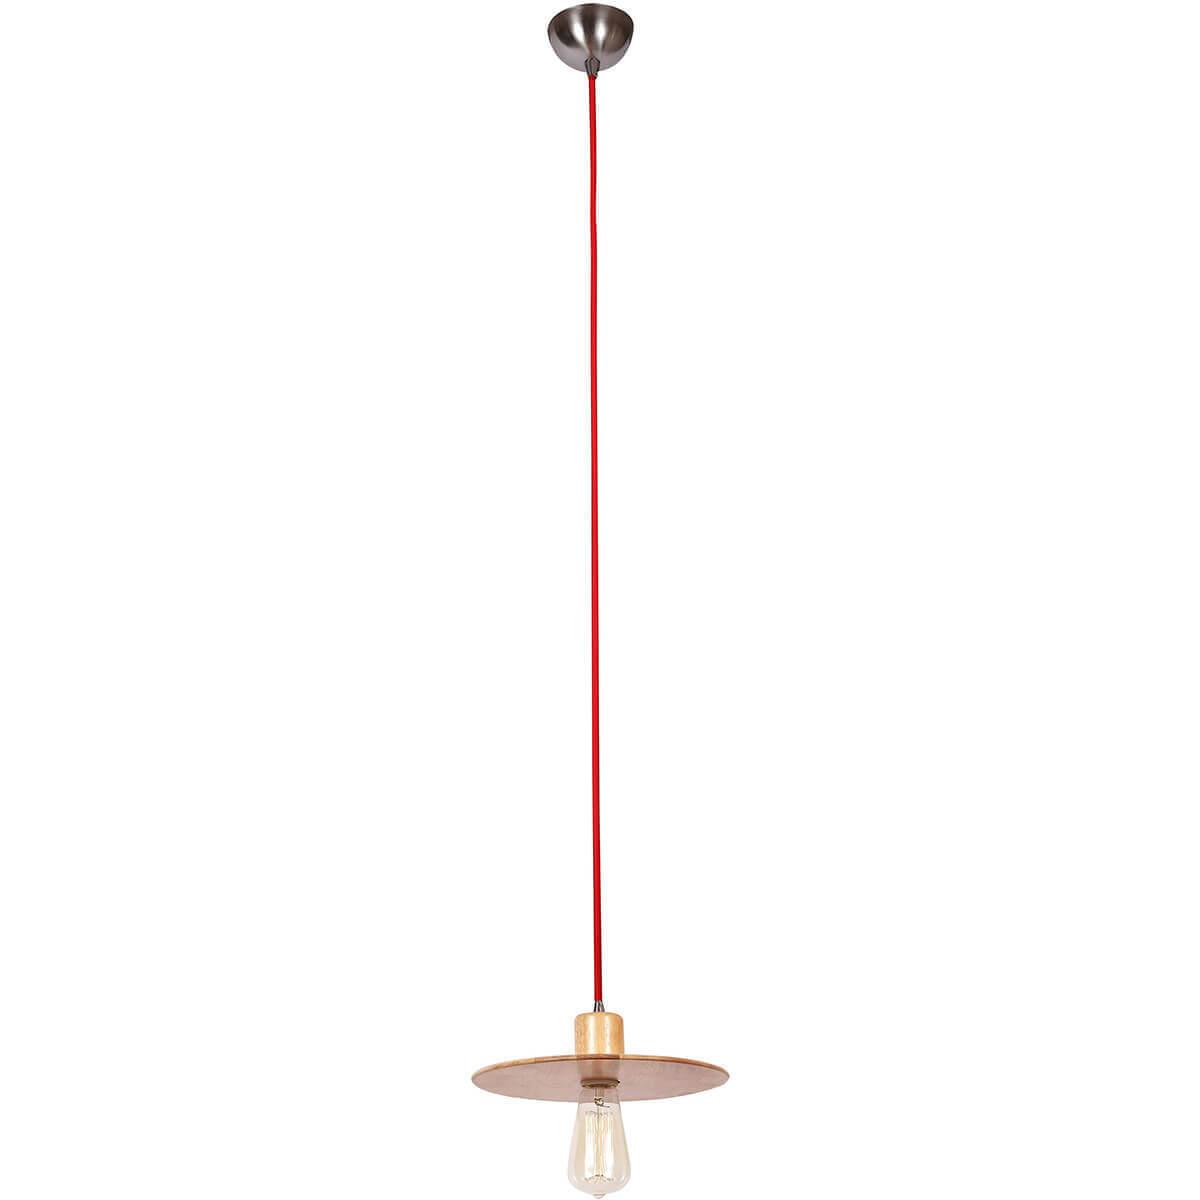 Купить со скидкой Подвесной светильник Lucia Tucci Natura 187.1 L special edition